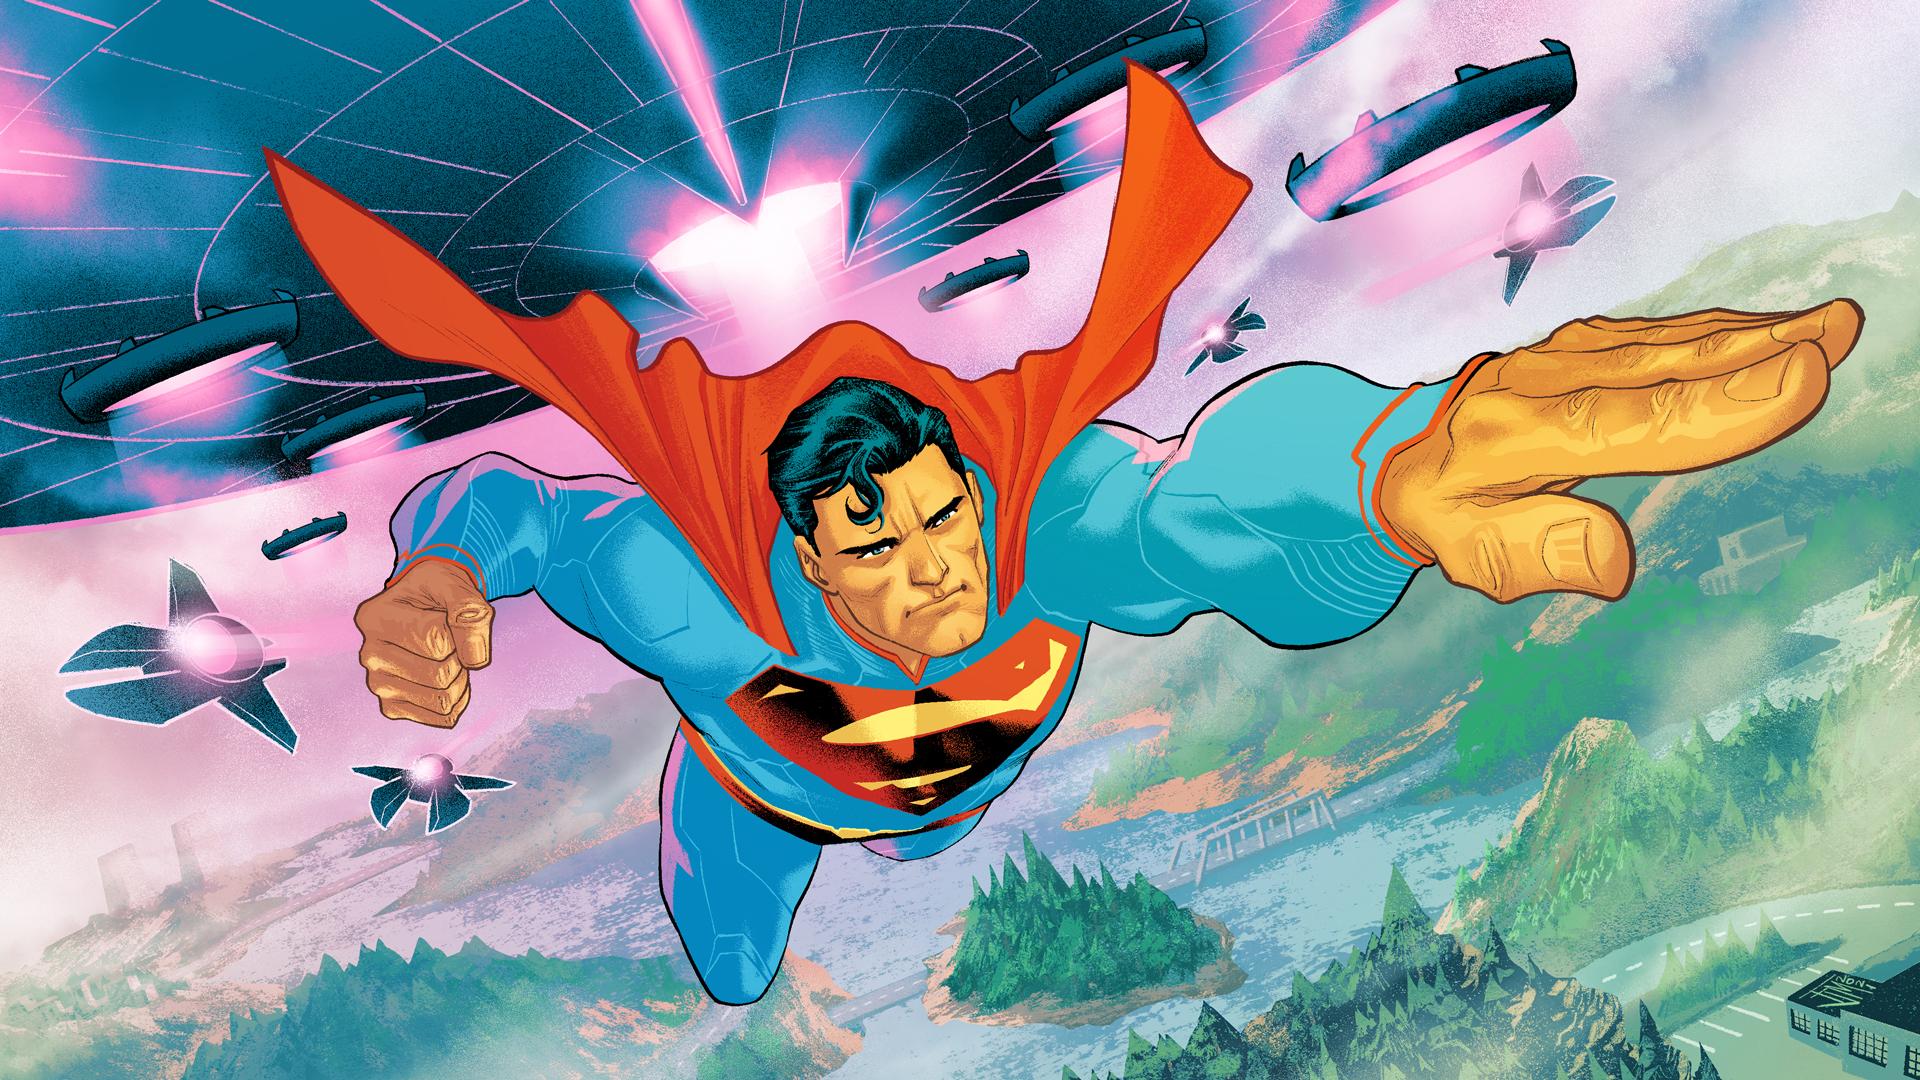 Superman's loading screen in Fortnite